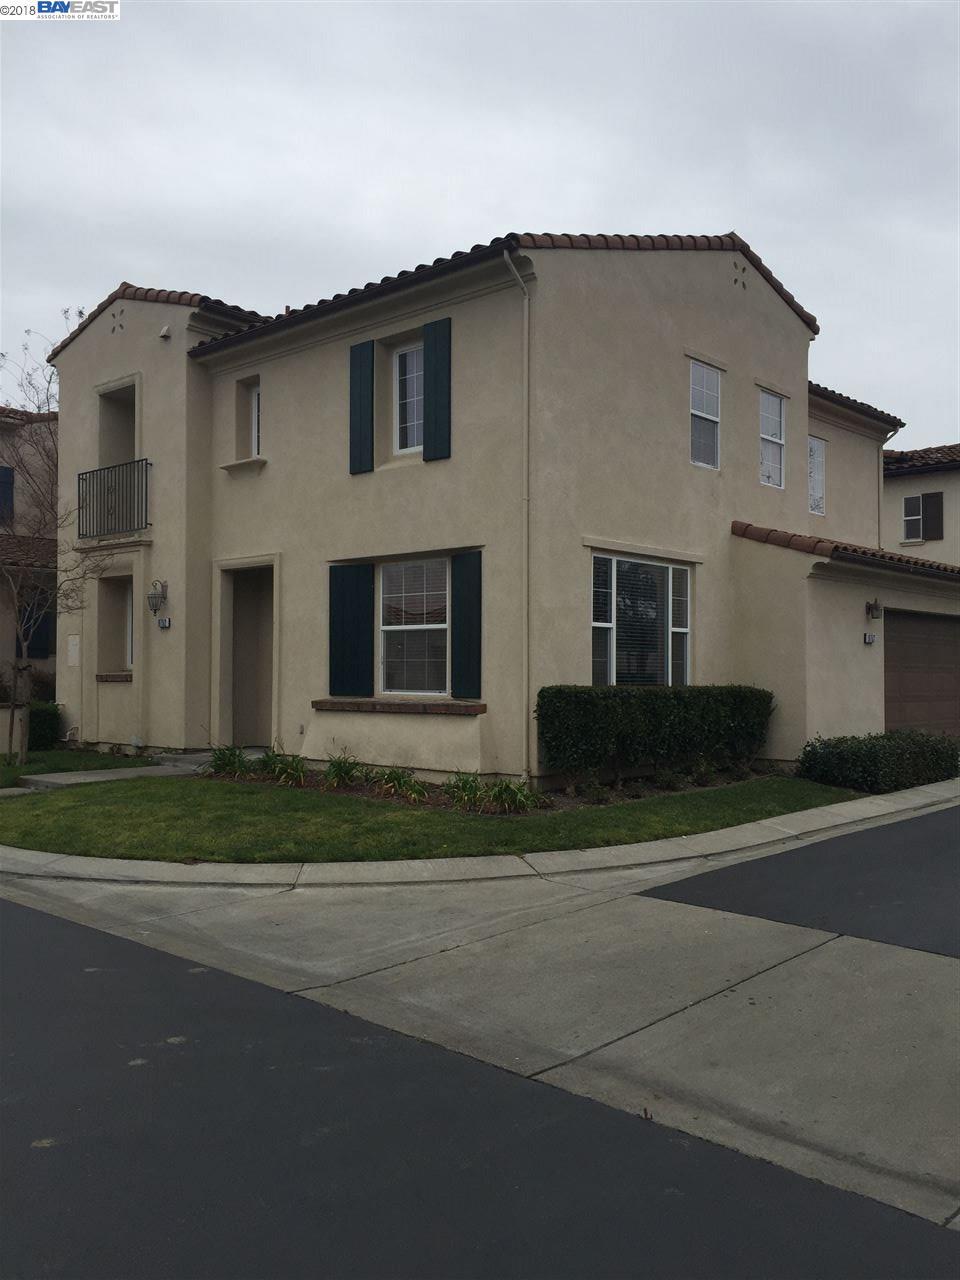 Частный односемейный дом для того Аренда на 9752 Belladonna Drive 9752 Belladonna Drive San Ramon, Калифорния 94582 Соединенные Штаты